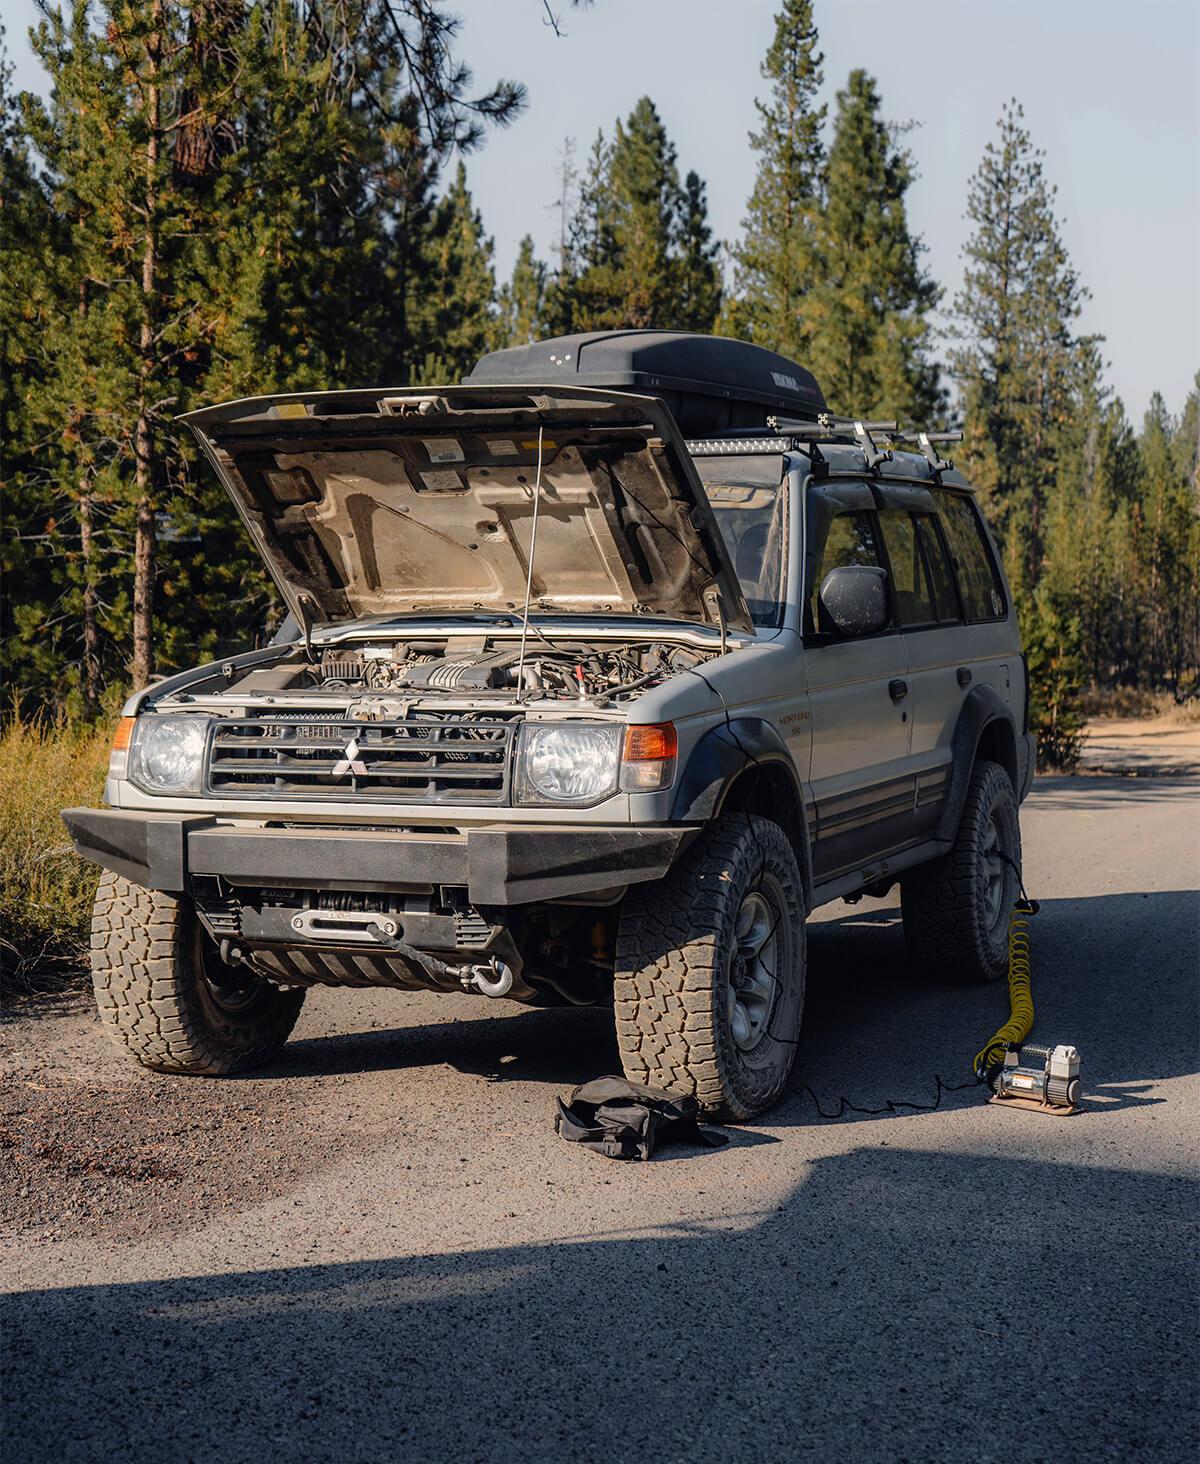 Mitsubishi Montero II Adventure driven design steel winch bumper